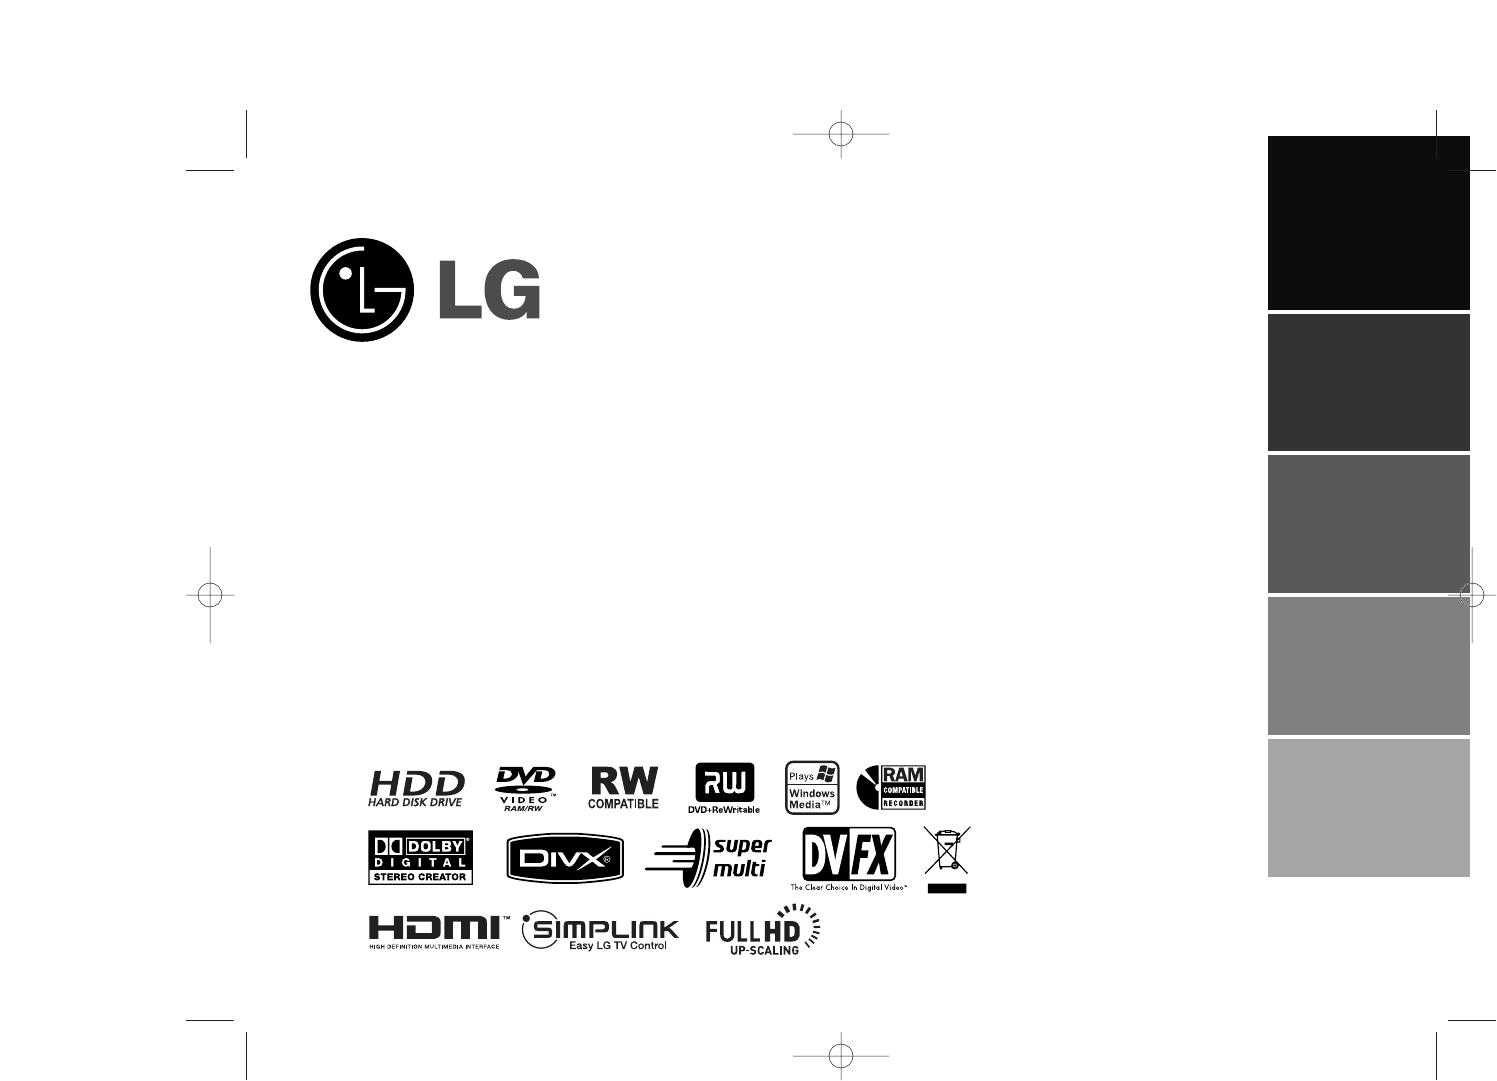 Manual Lg Rh387h Page 35 Of 36 English Dvd Circuit Diagram Download